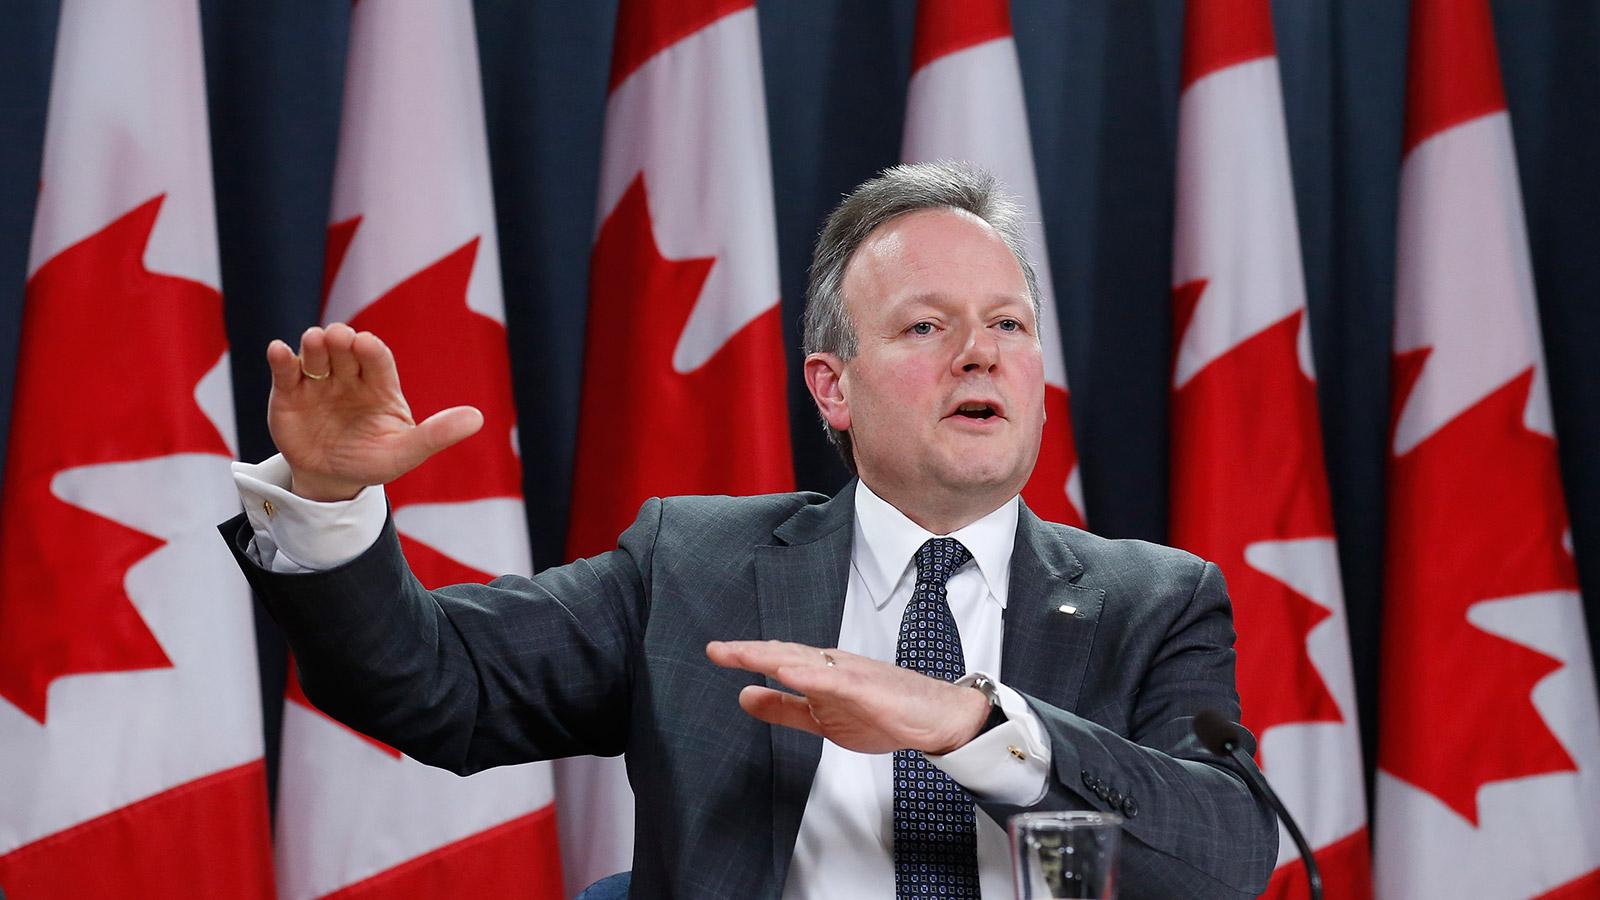 بولوز: أعتقد أن بنك كندا يقوم بتشديد السياسة النقدية بالوتيرة المناسبة